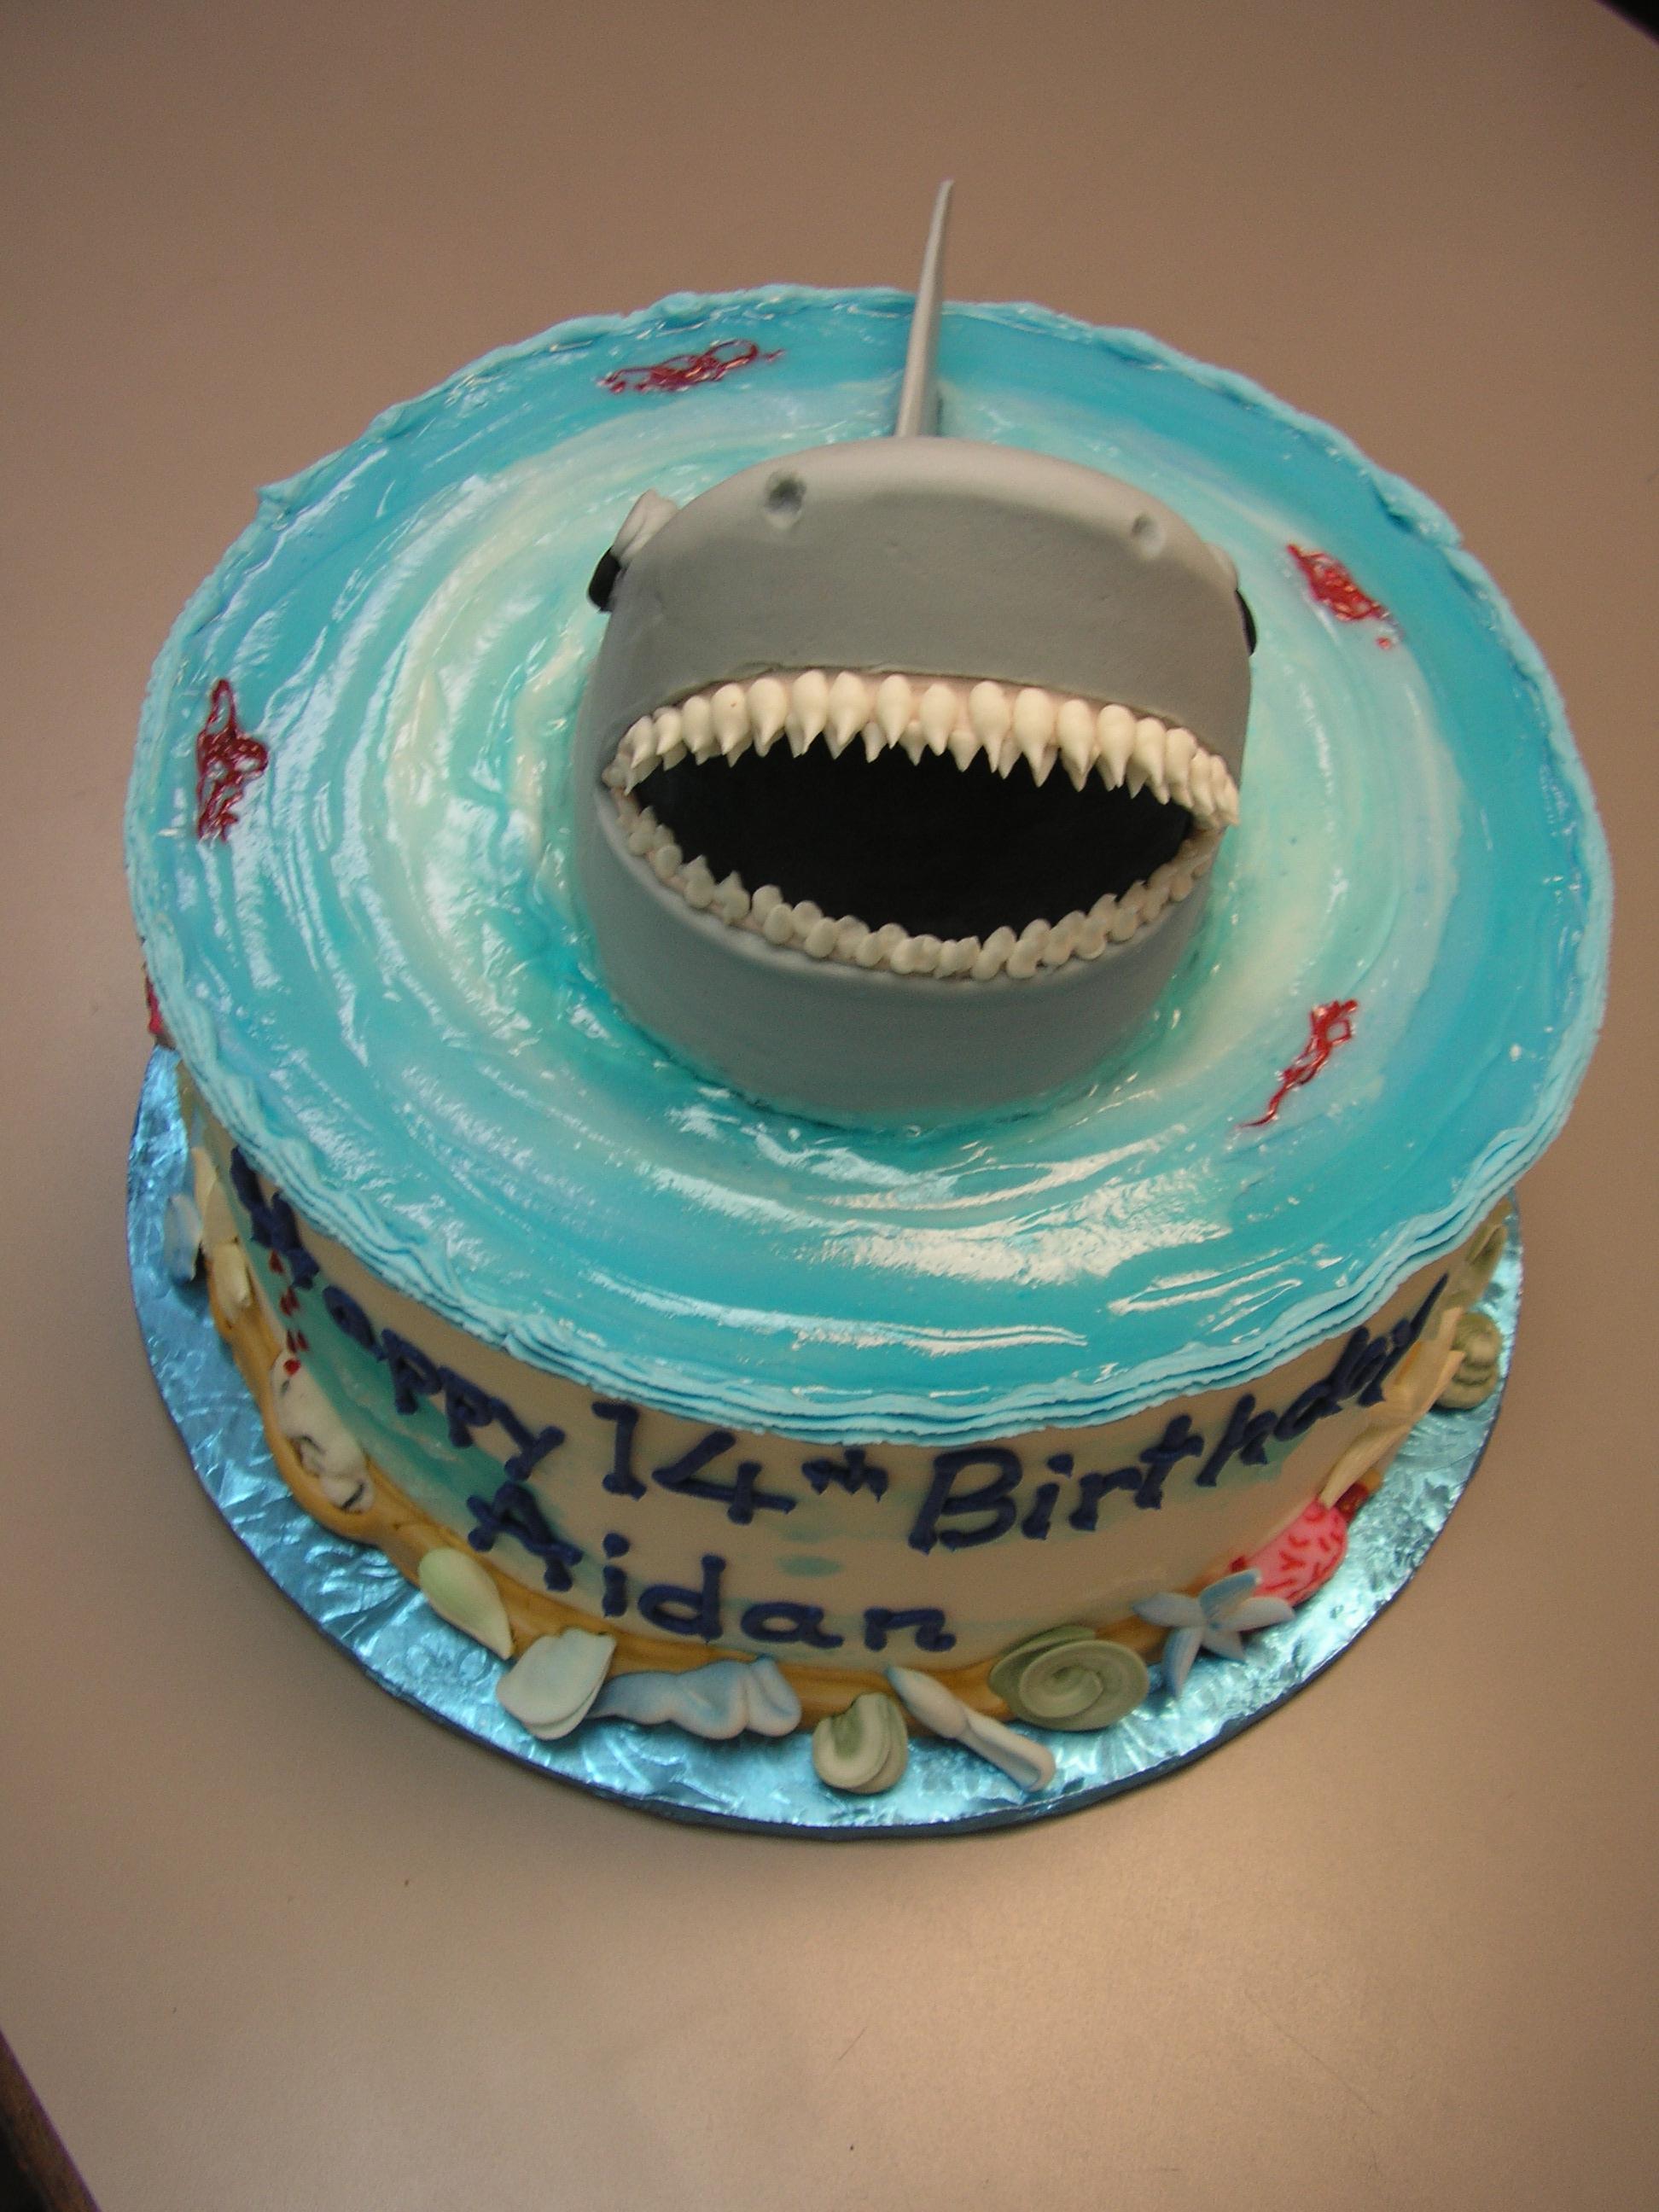 3D shark on a cake